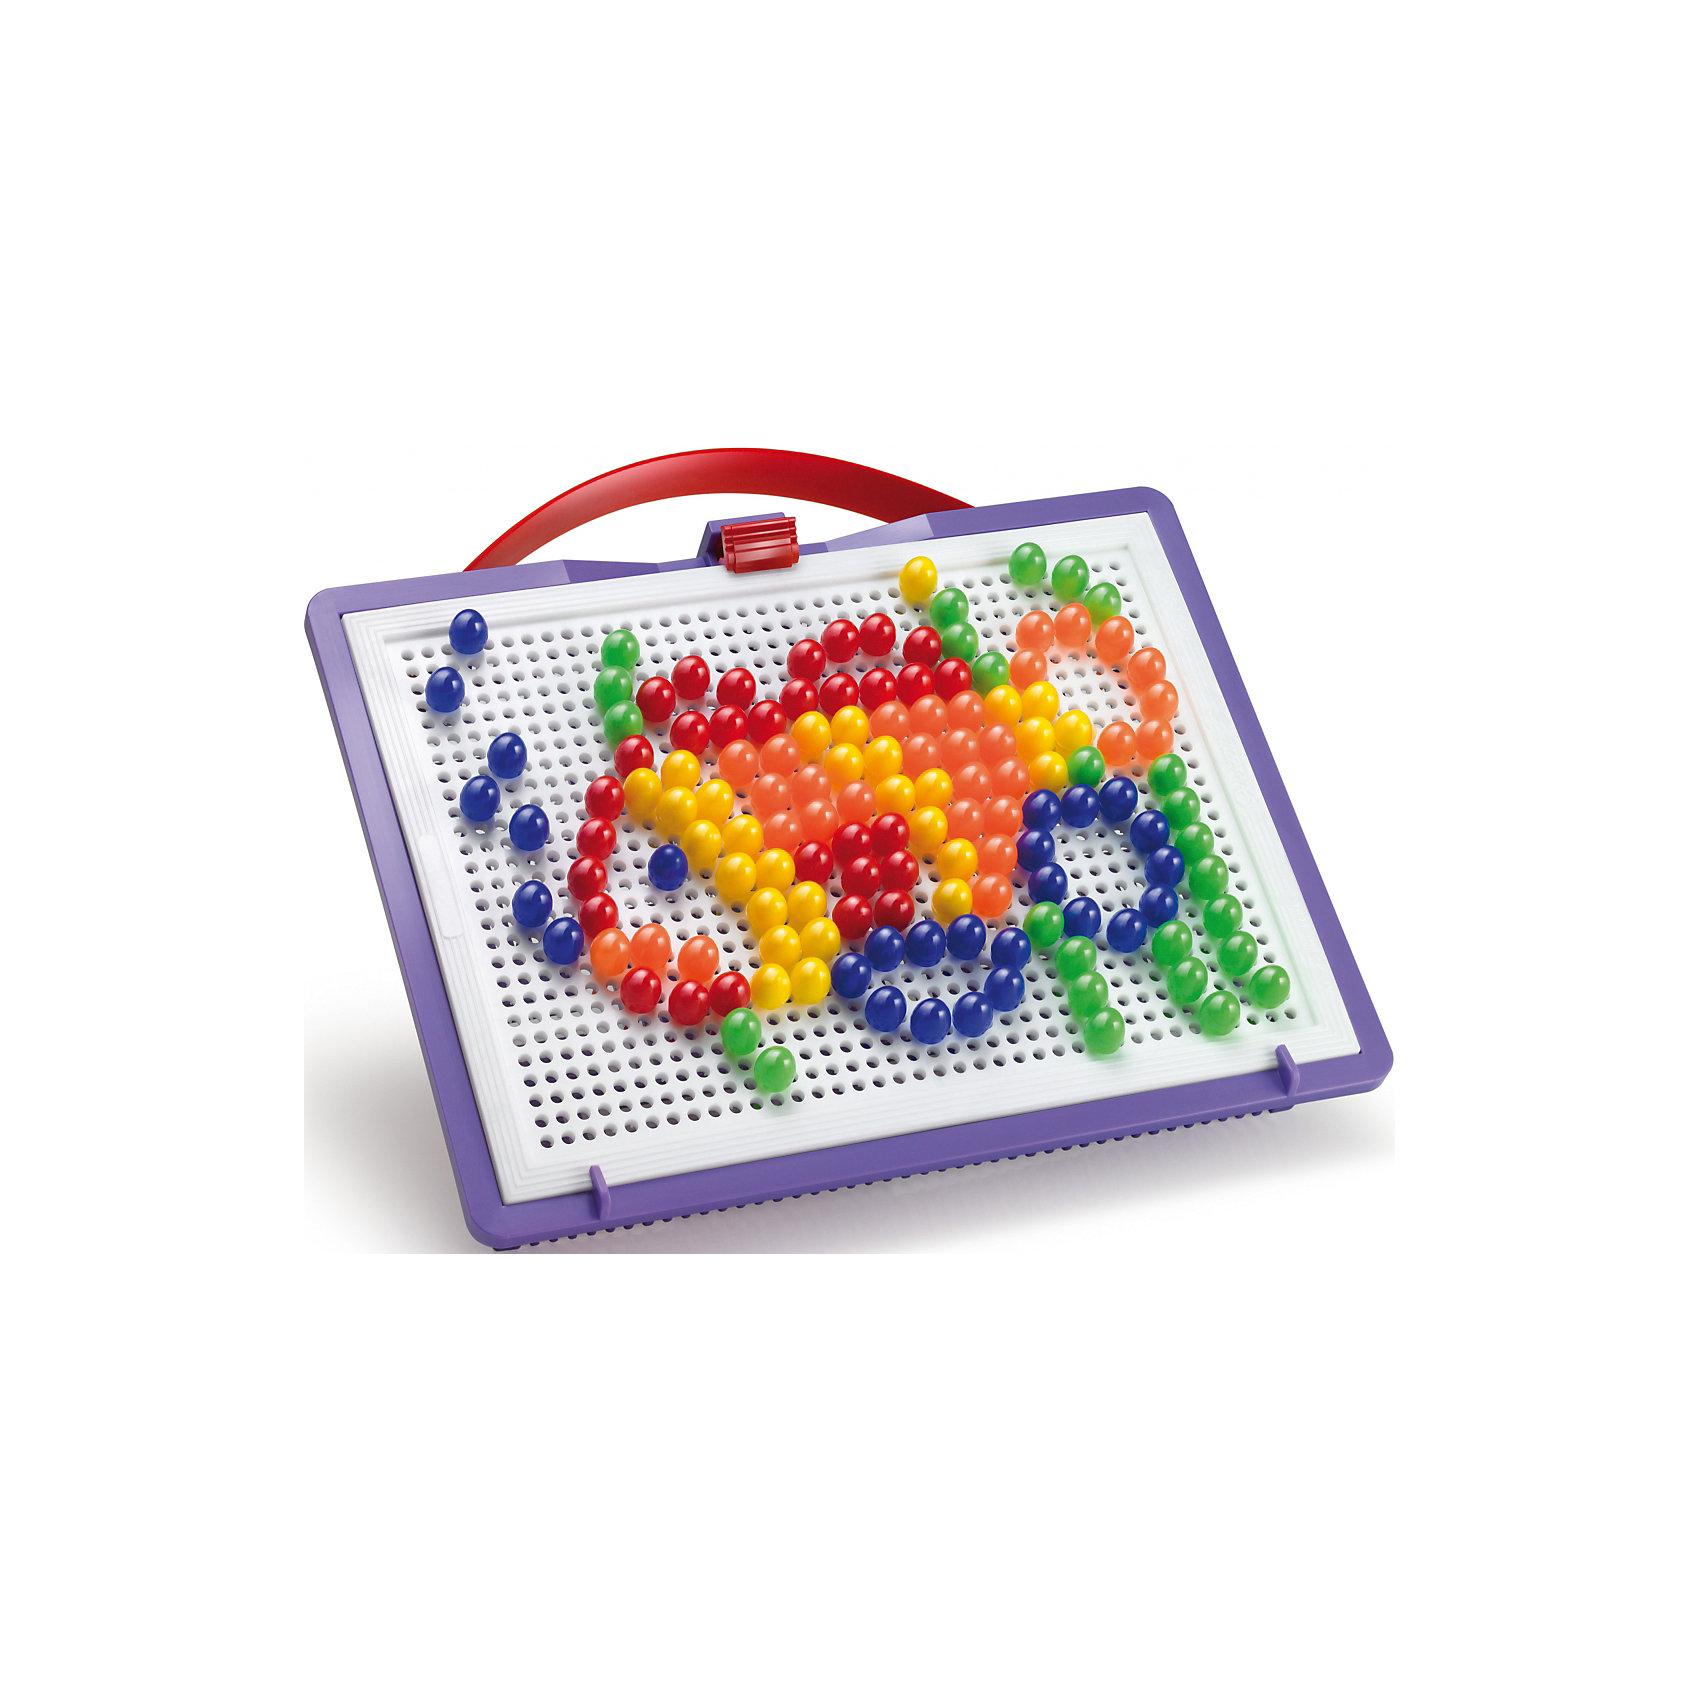 Мозаика Фантастические цвета, 150 деталей, QuercettiМозаика<br>Мозаика Фантастические цвета, 150 деталей, Quercetti (Кверсетти).<br><br>Характеристики:<br><br>- В наборе: 150 деталей-пуговиц 5-ти цветов диаметром 10 мм, чемоданчик для хранения, основа - игровое поле, инструкция<br>- Размер игрового поля: 22 х 16 см.<br>- Материал: безопасный пластик, окрашенный нетоксичными красками<br>- Упаковка: картонная коробка<br>- Размер упаковки: 32 х 24 х 6 см.<br>- Вес: 400 гр.<br><br>Мозаика Фантастические цвета приведет в восторг вашего ребенка и не позволит ему скучать. Комбинируя яркие разноцветные детали, ребенок может собирать на игровом поле изображения из инструкции или придумывать картинки сам. Мозаику легко взять с собой куда угодно, поскольку она упакована в удобный чемоданчик-планшет. Его крышка – это игровое поле с множеством дырочек. За специальную ручку чемоданчик можно легко переносить с места на место, игровое поле при этом фиксируется замочком. Детали мозаики изготовлены из прочного гладкого пластика с глянцевой поверхностью, а игровое поле – из мягкого и гибкого пластика. Собирание мозаики развивает у детей цветовосприятие, творческие способности, внимание, усидчивость и мелкую моторику.<br><br>Мозаику Фантастические цвета, 150 деталей, Quercetti (Кверсетти) можно купить в нашем интернет-магазине.<br><br>Ширина мм: 320<br>Глубина мм: 60<br>Высота мм: 240<br>Вес г: 433<br>Возраст от месяцев: 36<br>Возраст до месяцев: 2147483647<br>Пол: Унисекс<br>Возраст: Детский<br>SKU: 5140059